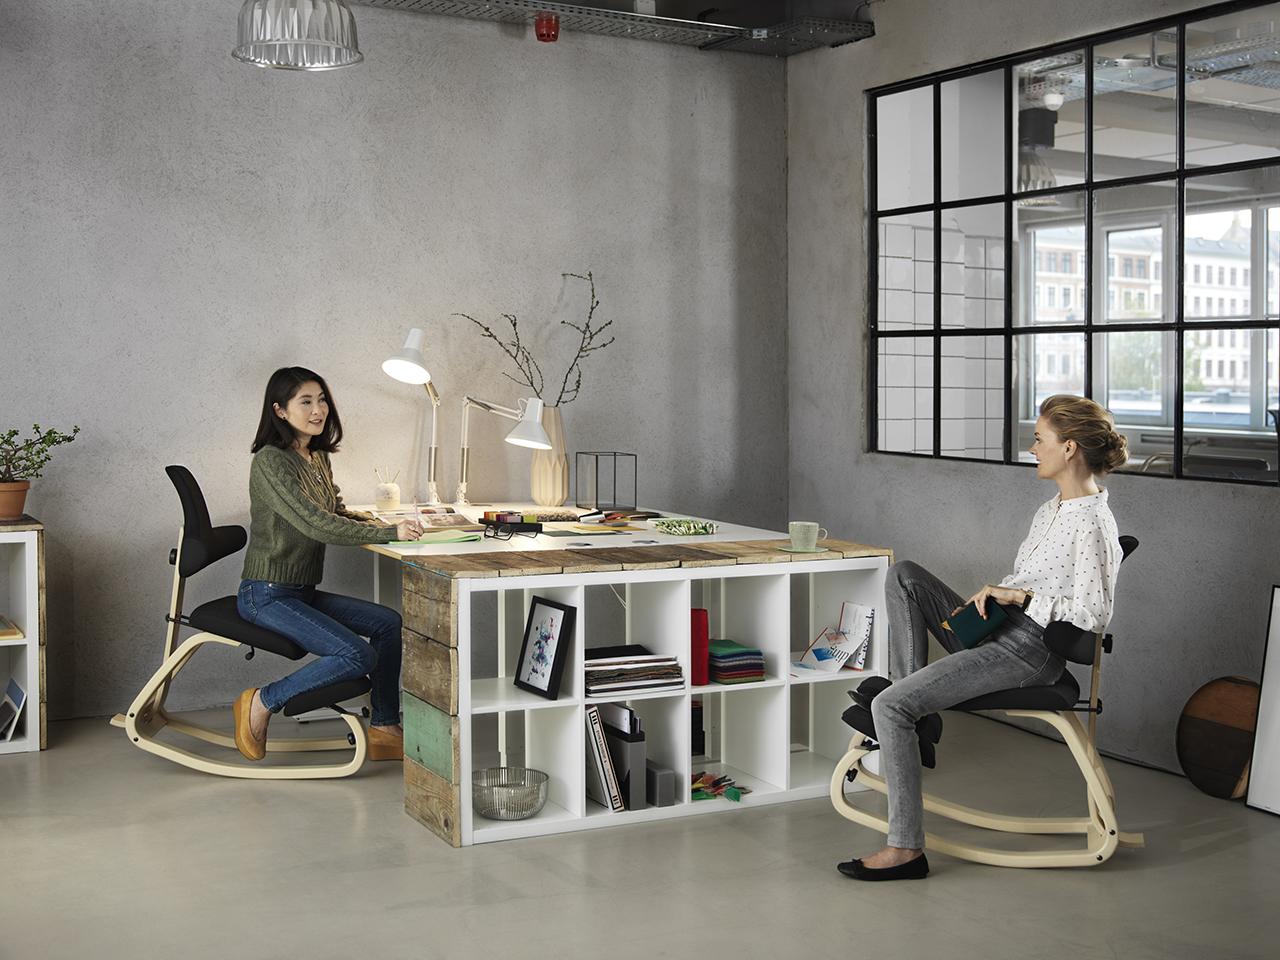 Le Migliori Sedie Da Ufficio Svedesi Del 2019 Fasce Di